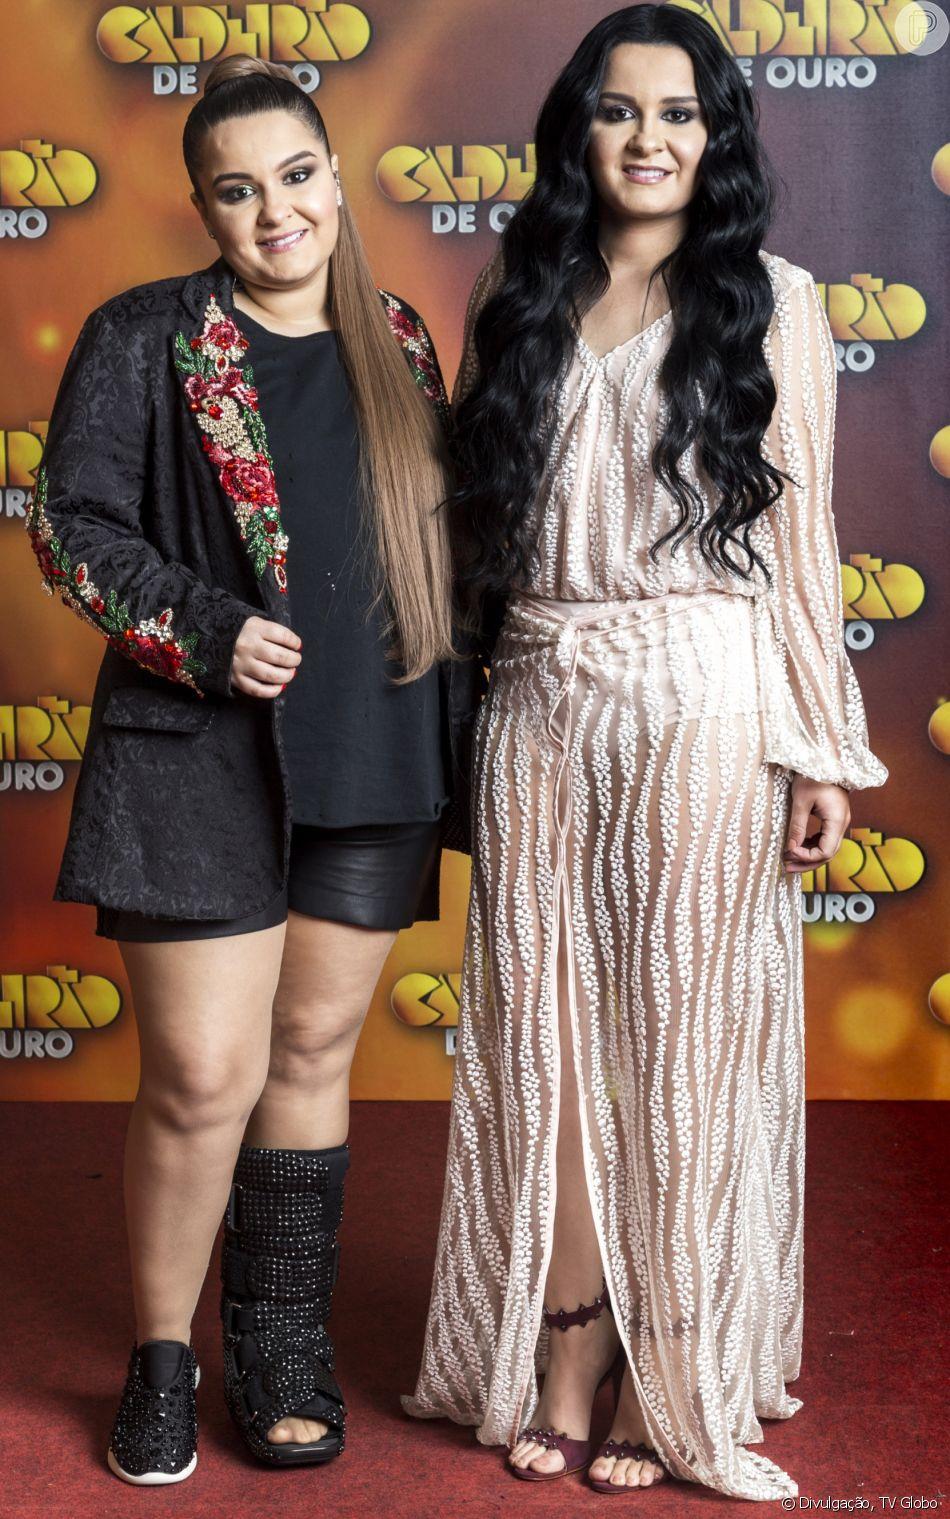 Maiara e Maraisa explicam looks grifados em shows: ' A gente se reflete não só pelas nossas músicas, mas também pela nossa arte'